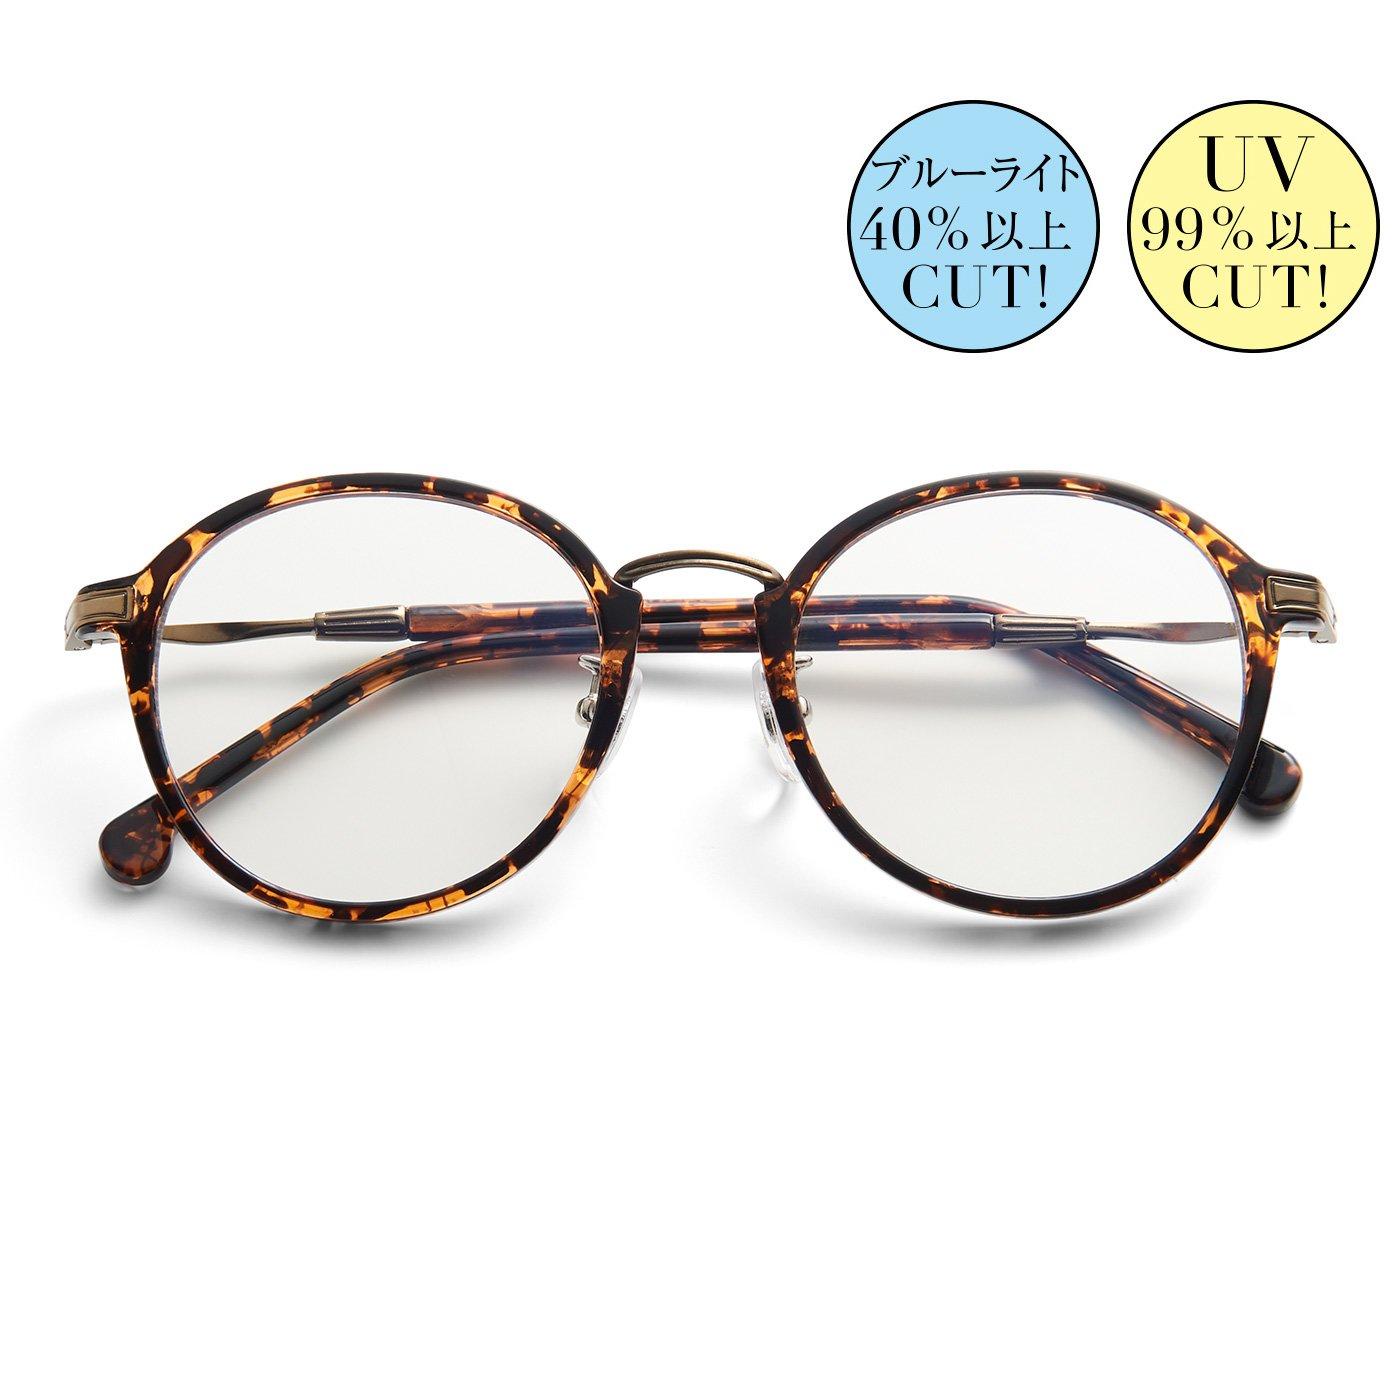 【3~10日でお届け】IEDIT[イディット] 紫外線とブルーライトから瞳を守る 大人好みの眼鏡見えサングラス〈ブラウン〉